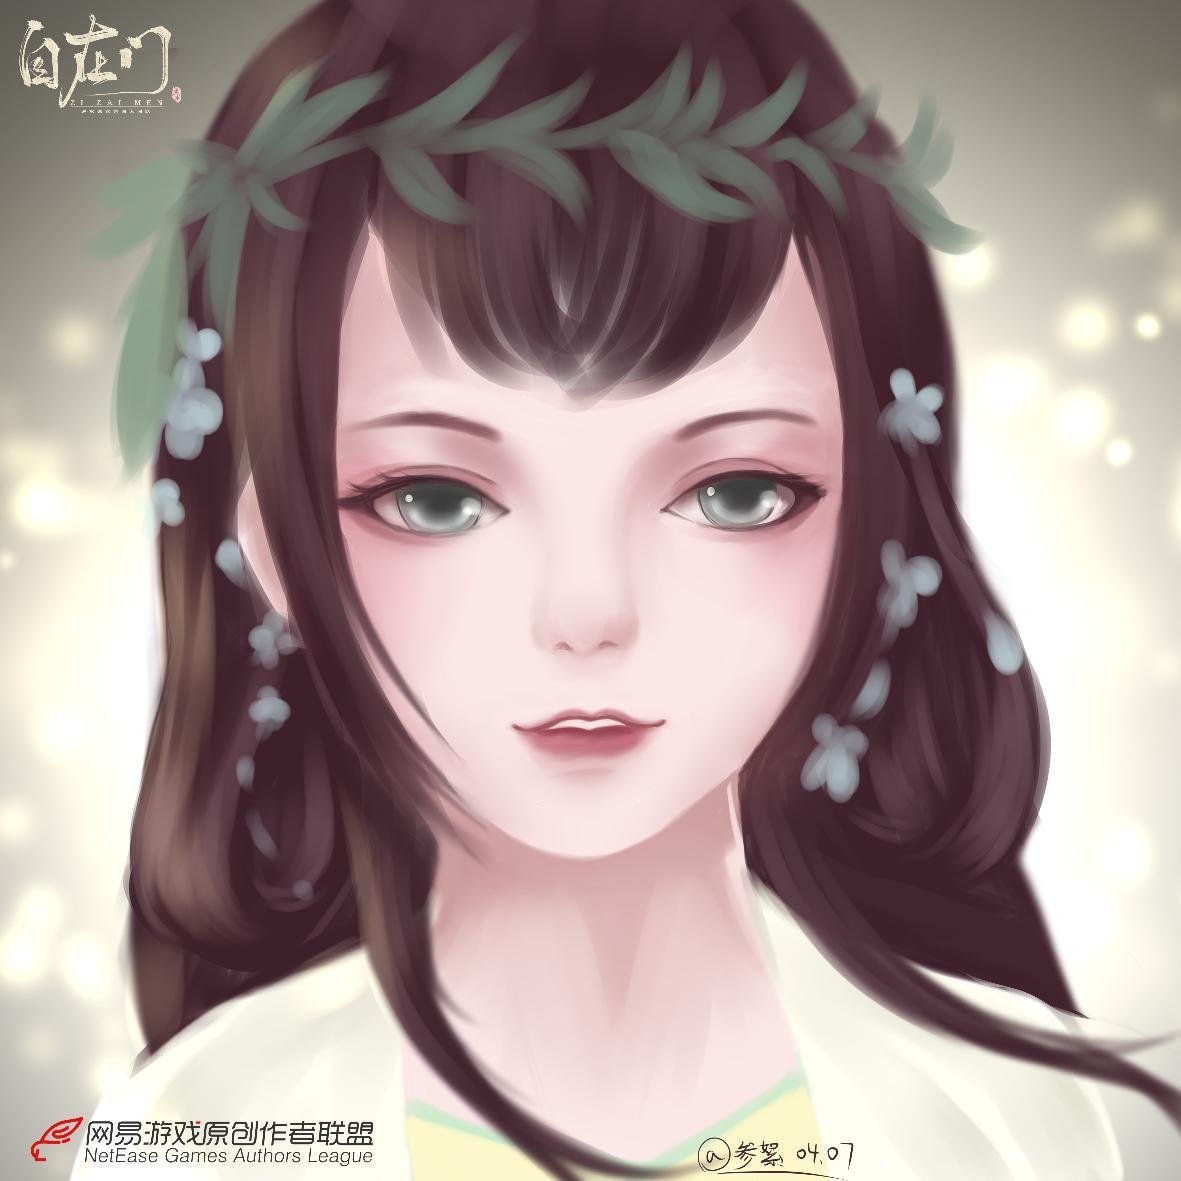 【原创作者联盟】春意浓,换上小姐姐的新头像吗?【自在门】【手绘】